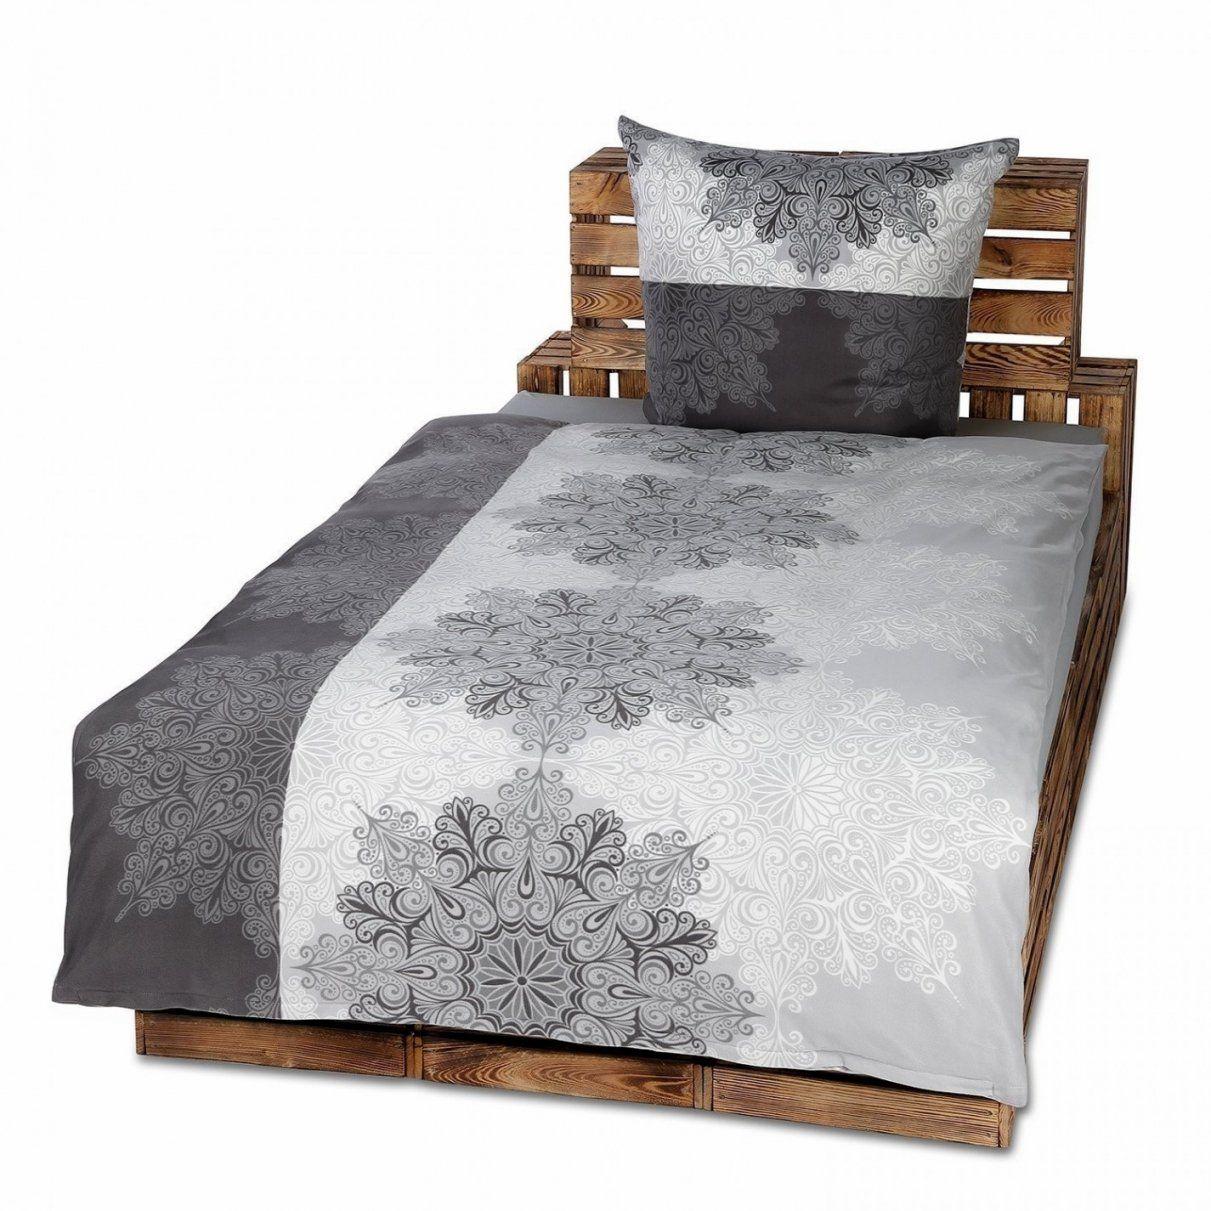 Elegant Häusliche Verbesserung Flanell Fleece Bettwäsche Li 101 Zum von Mikrofaser Flanell Fleece Bettwäsche Photo